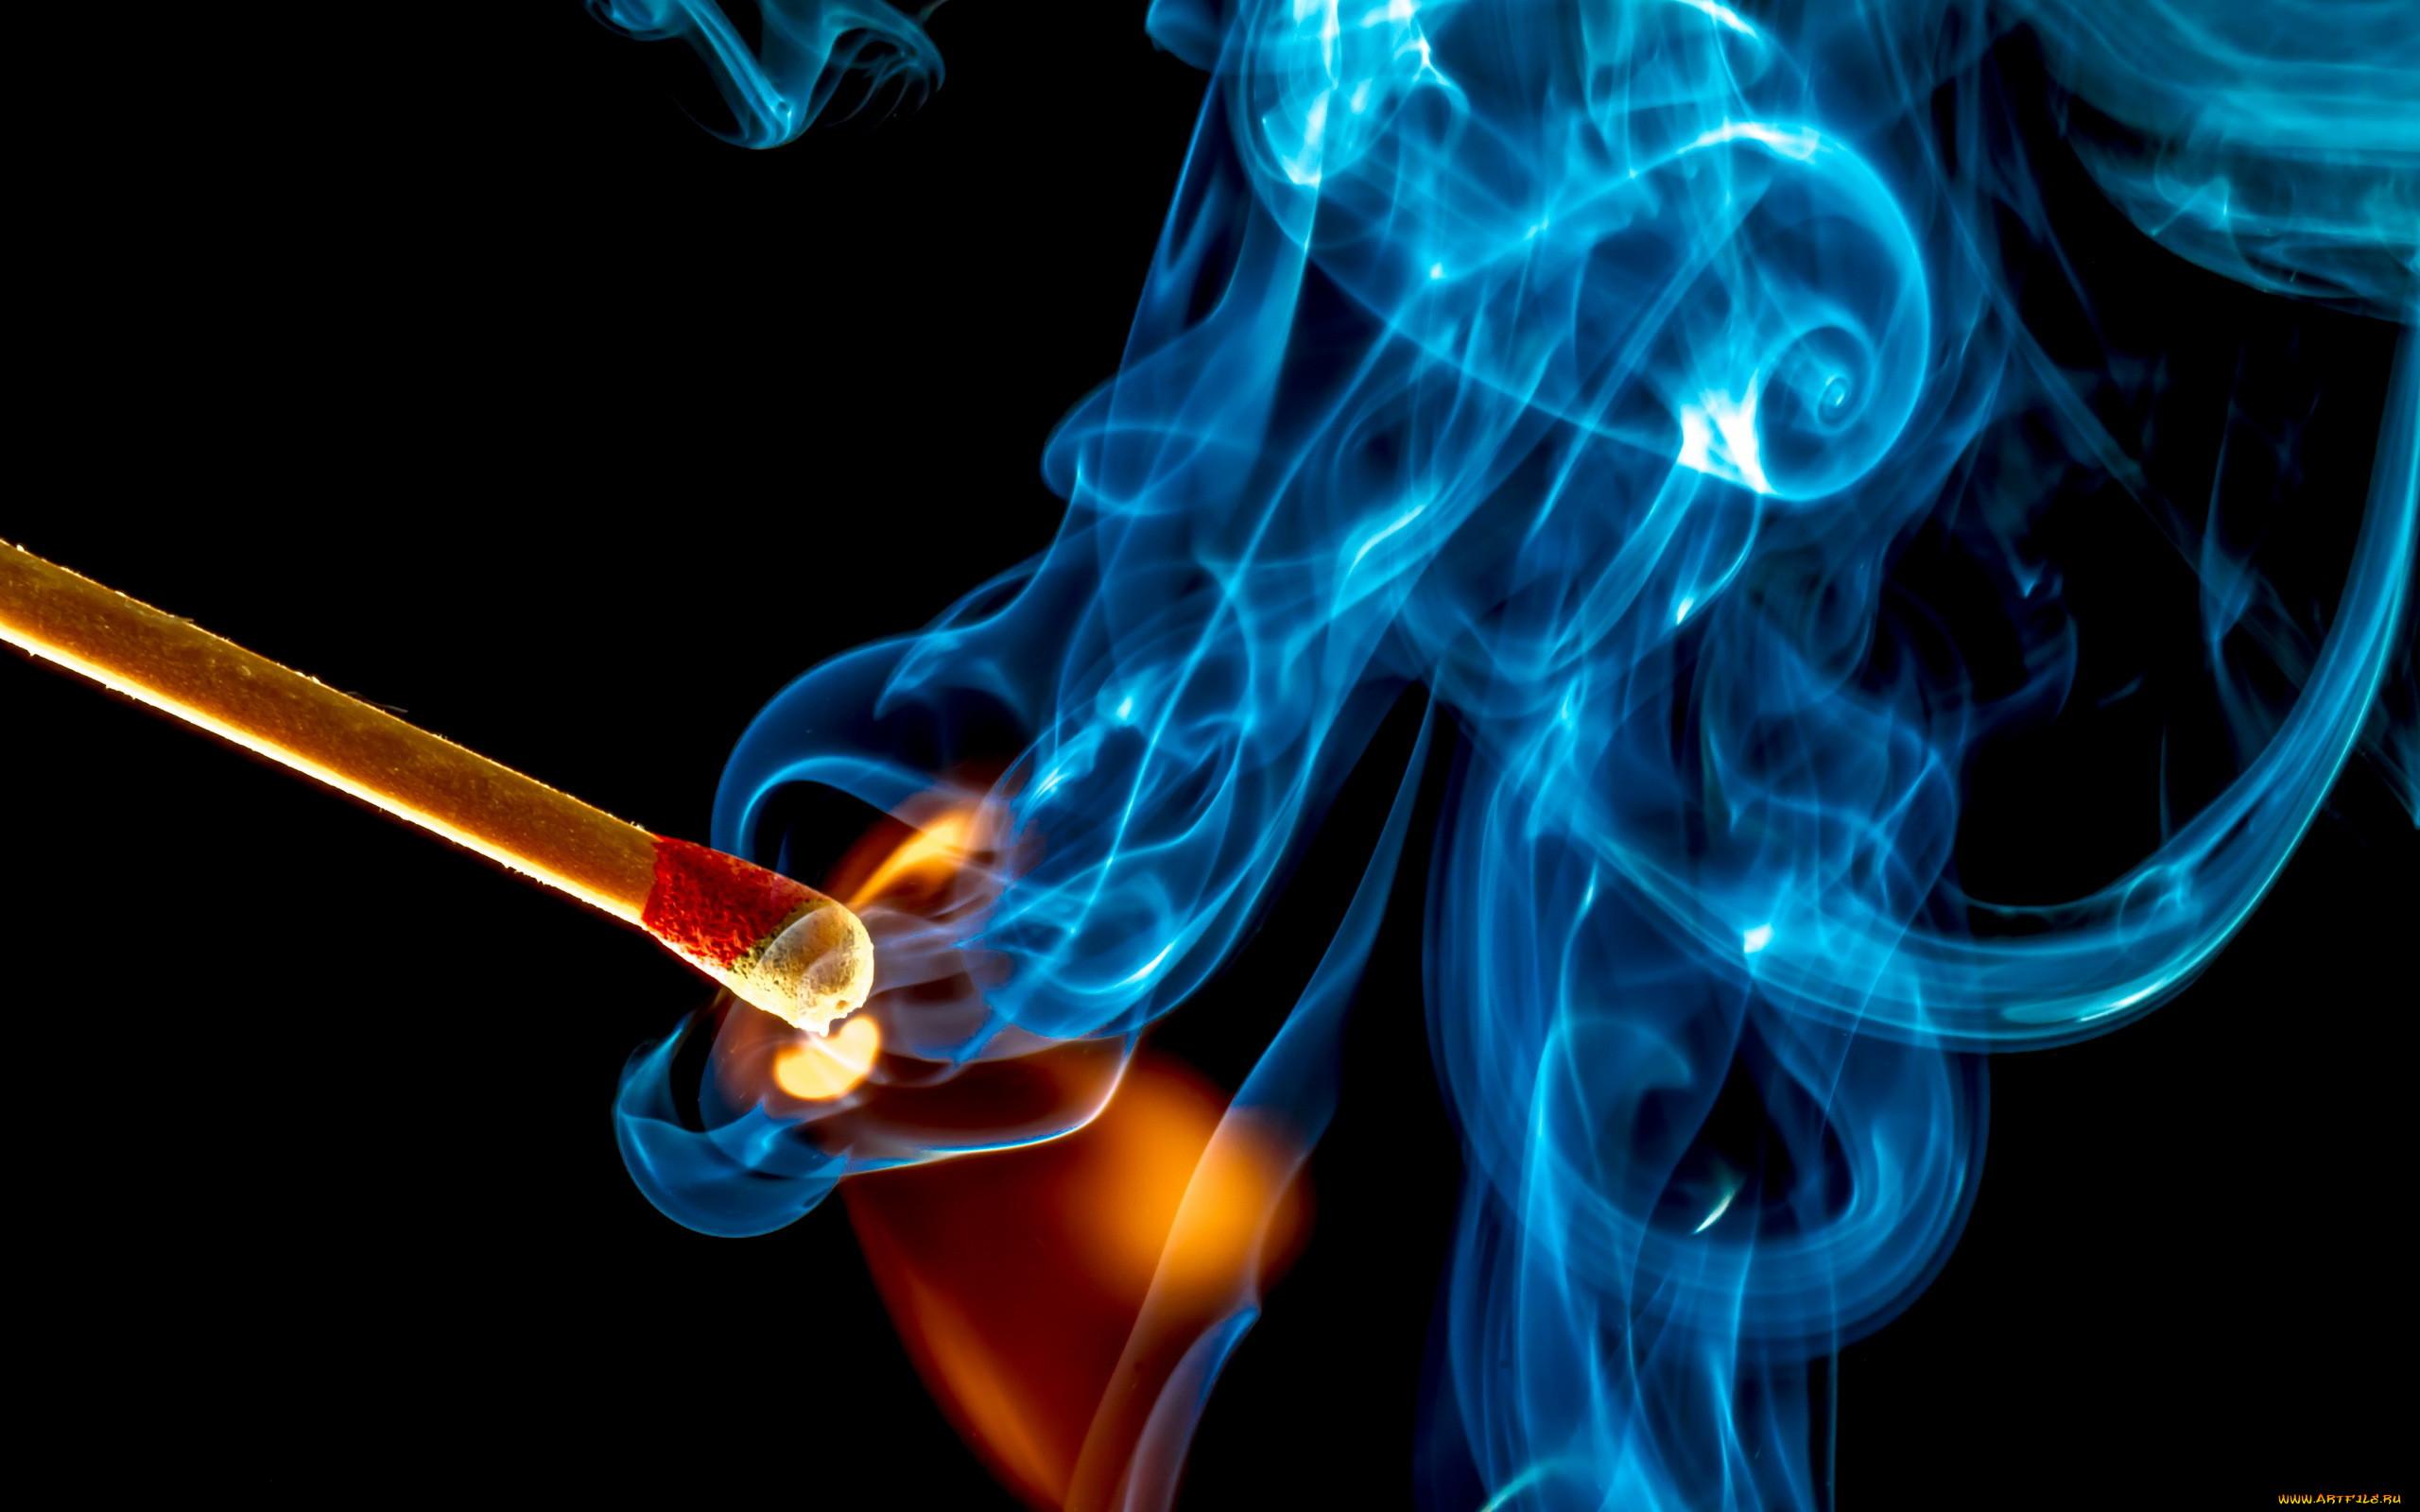 Обои дым. Разное foto 13